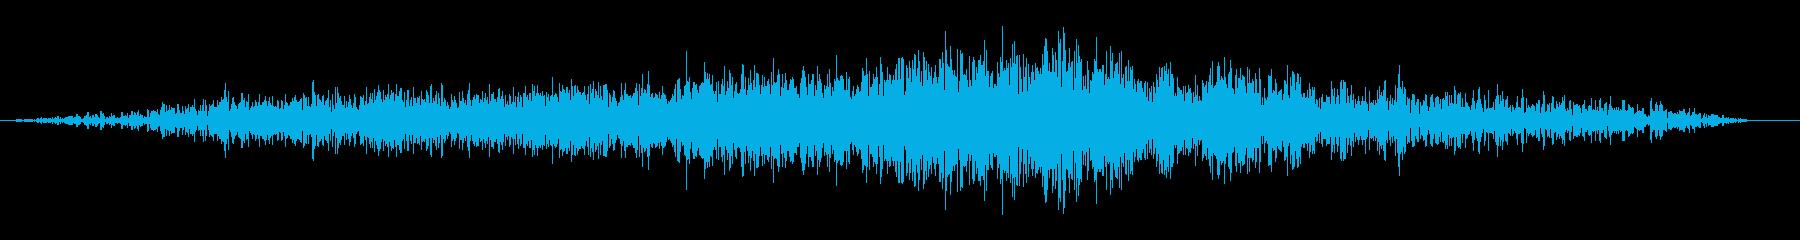 水中Int低金属ストレスVer 2の再生済みの波形